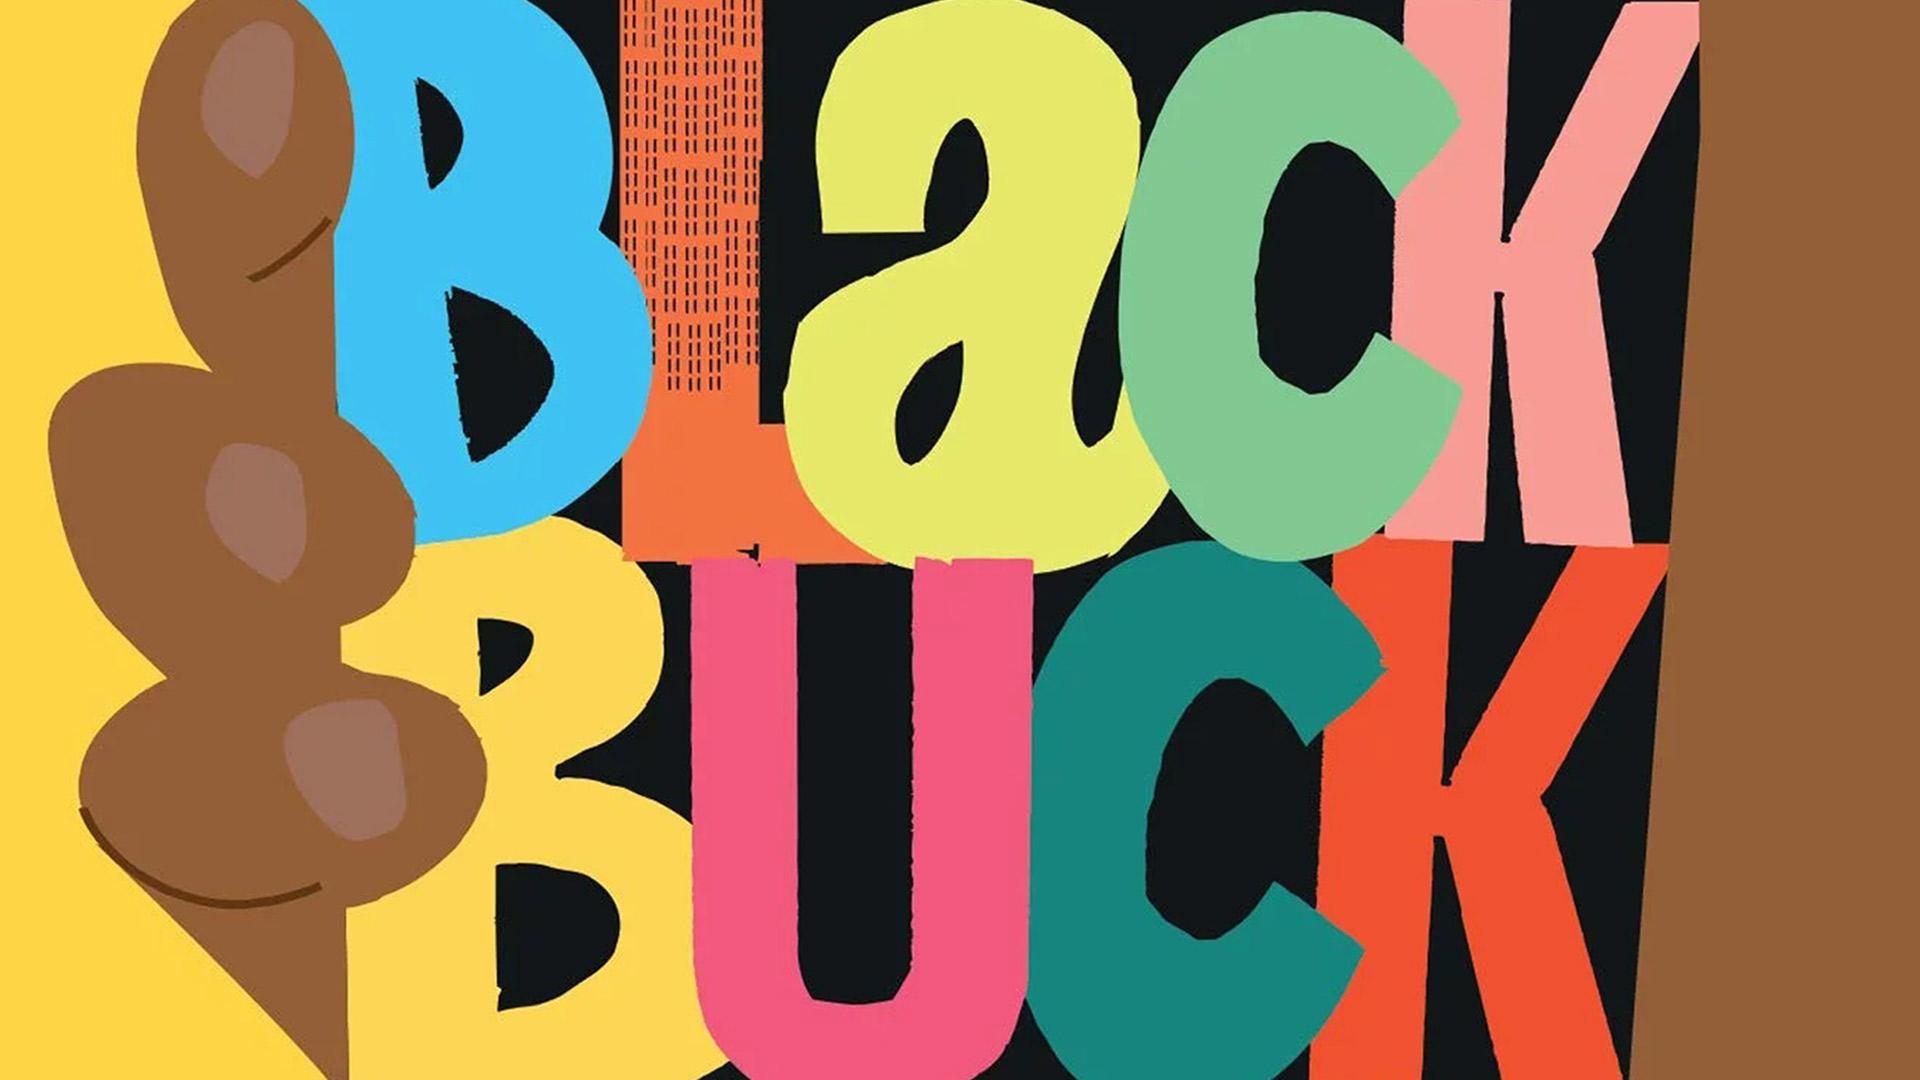 Black Buck (2020)